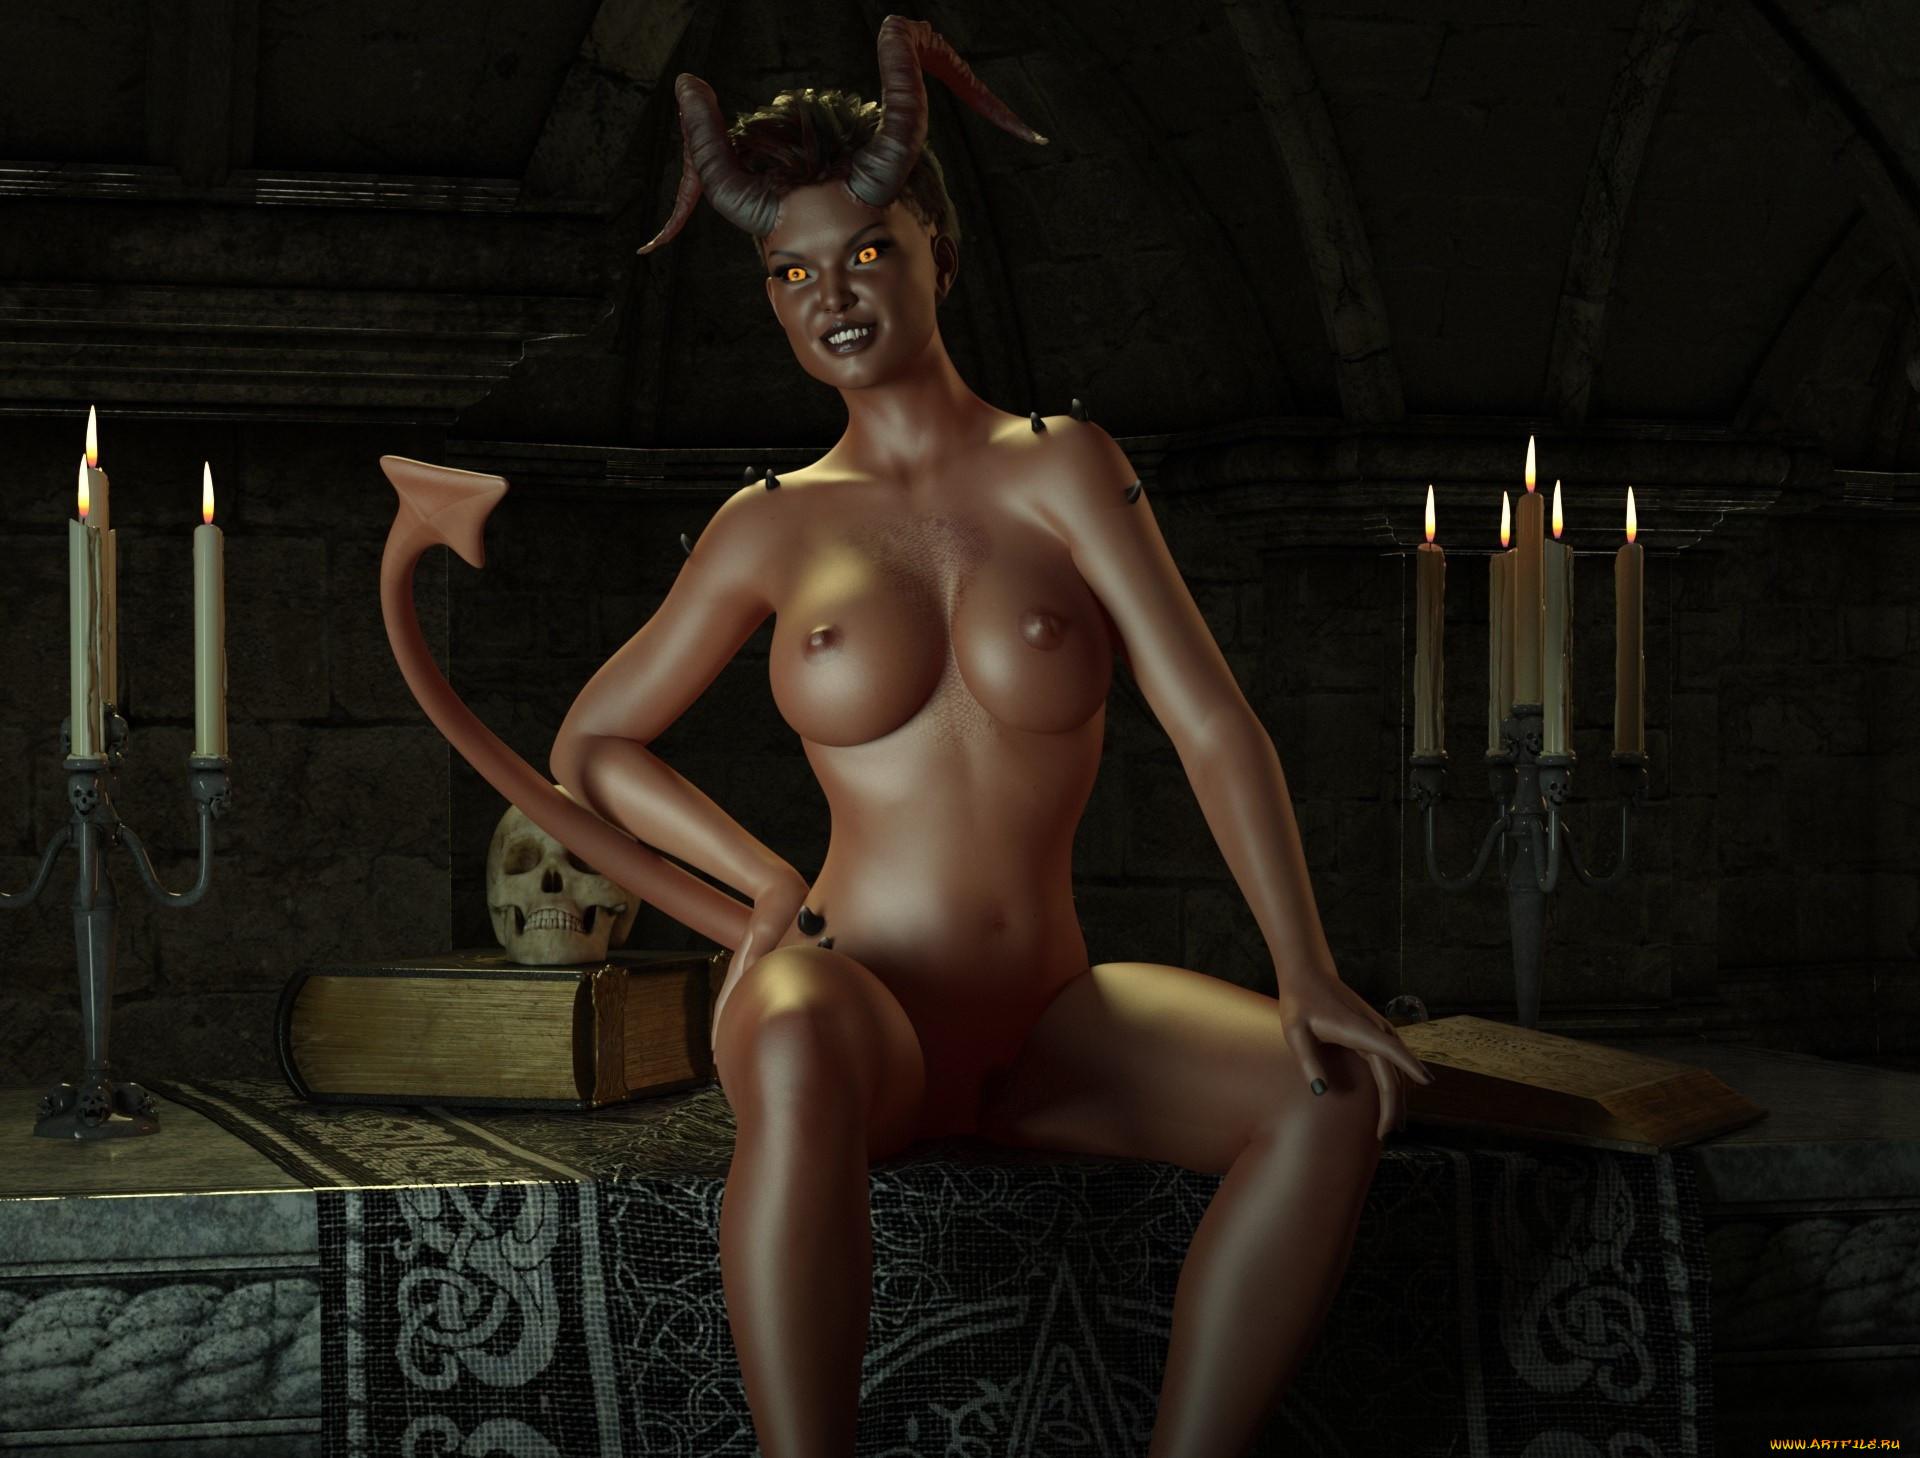 Nude fantasy thumbs